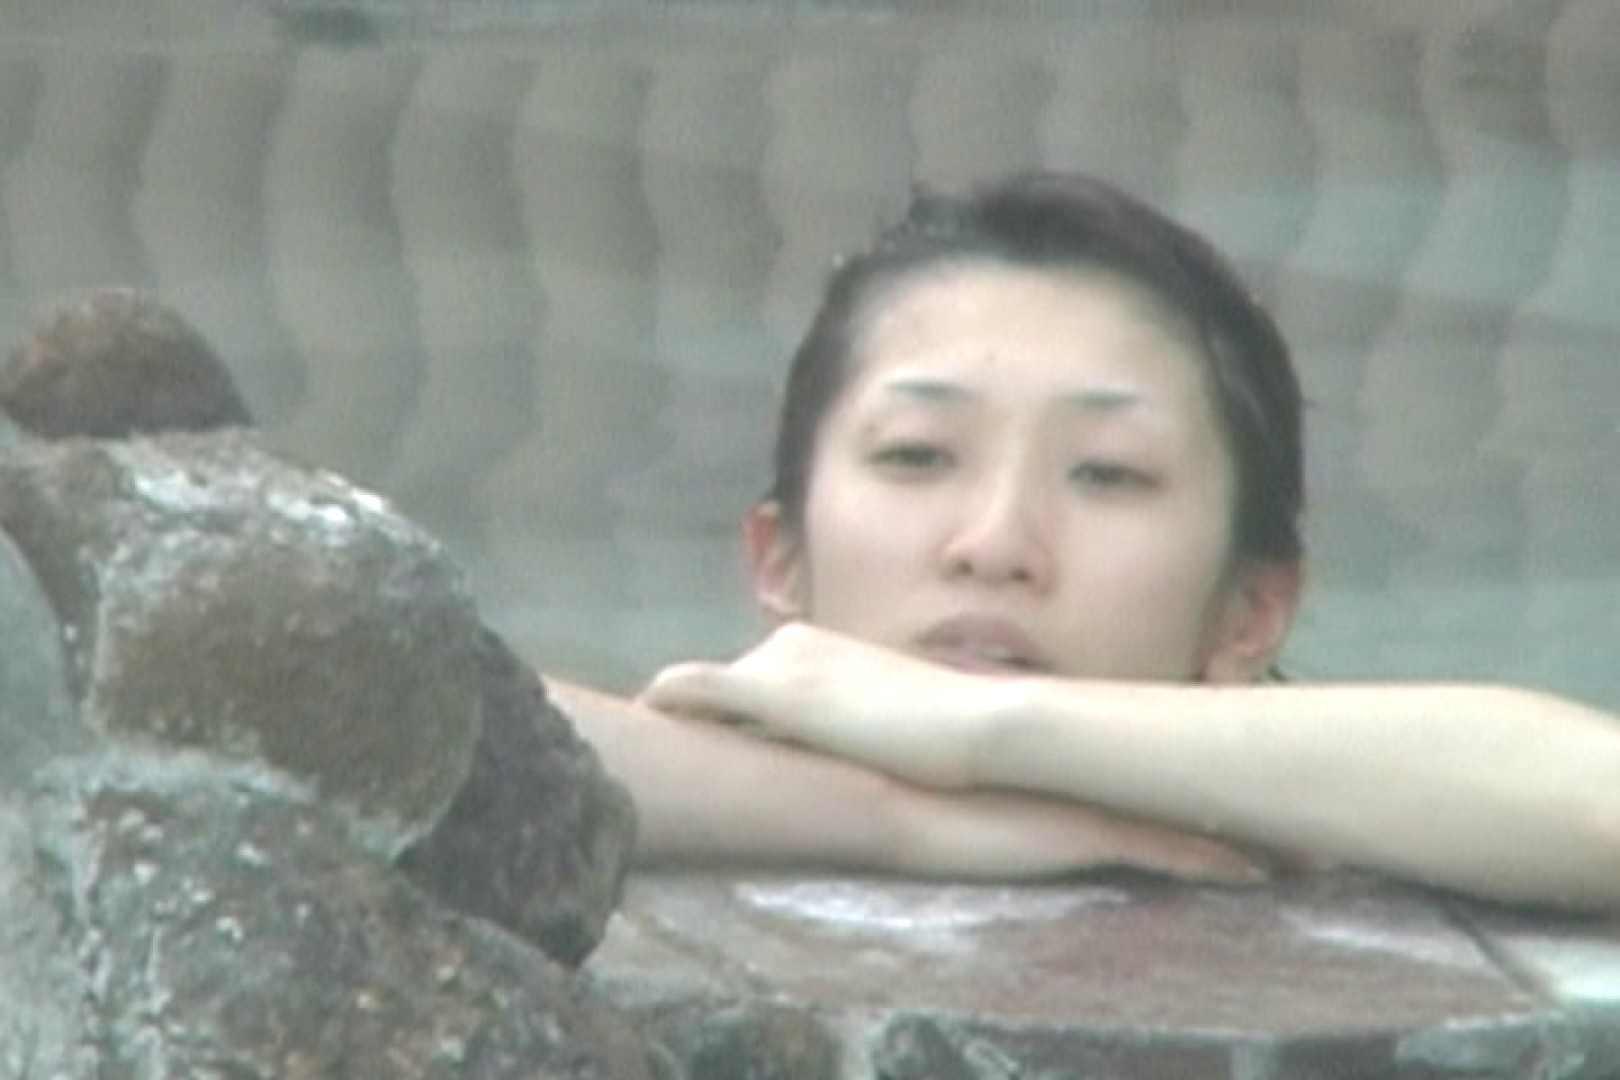 Aquaな露天風呂Vol.588 OLのエロ生活  53連発 15